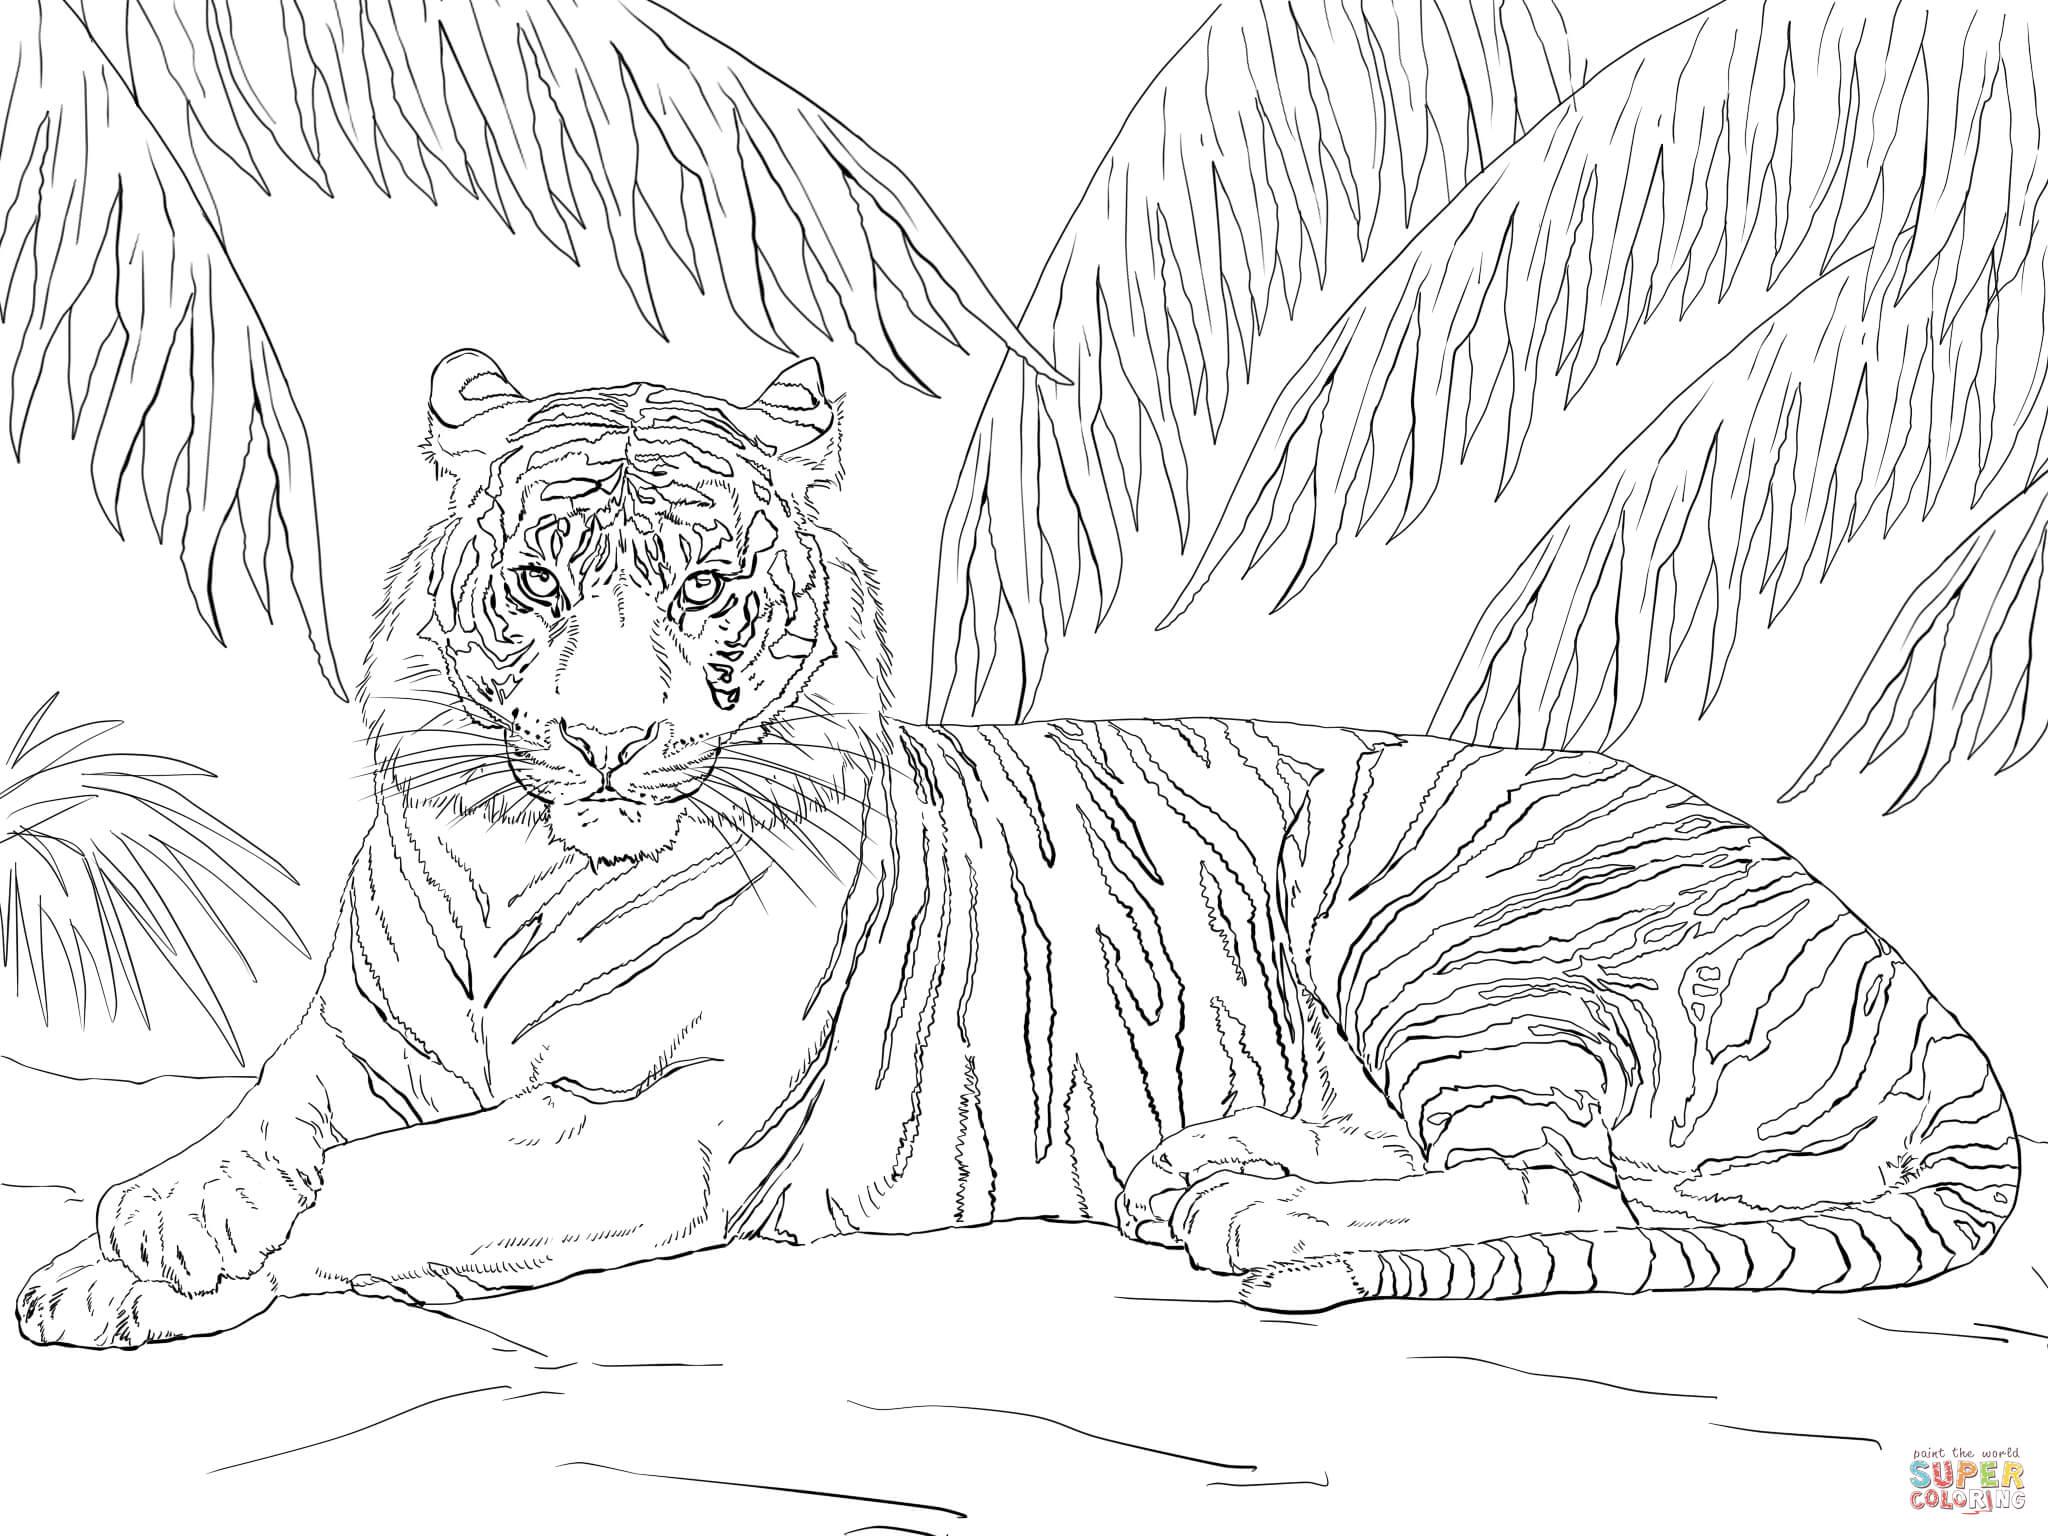 Tranh tô màu chúa sơn lâm hổ nằm nghỉ dưới tán cây